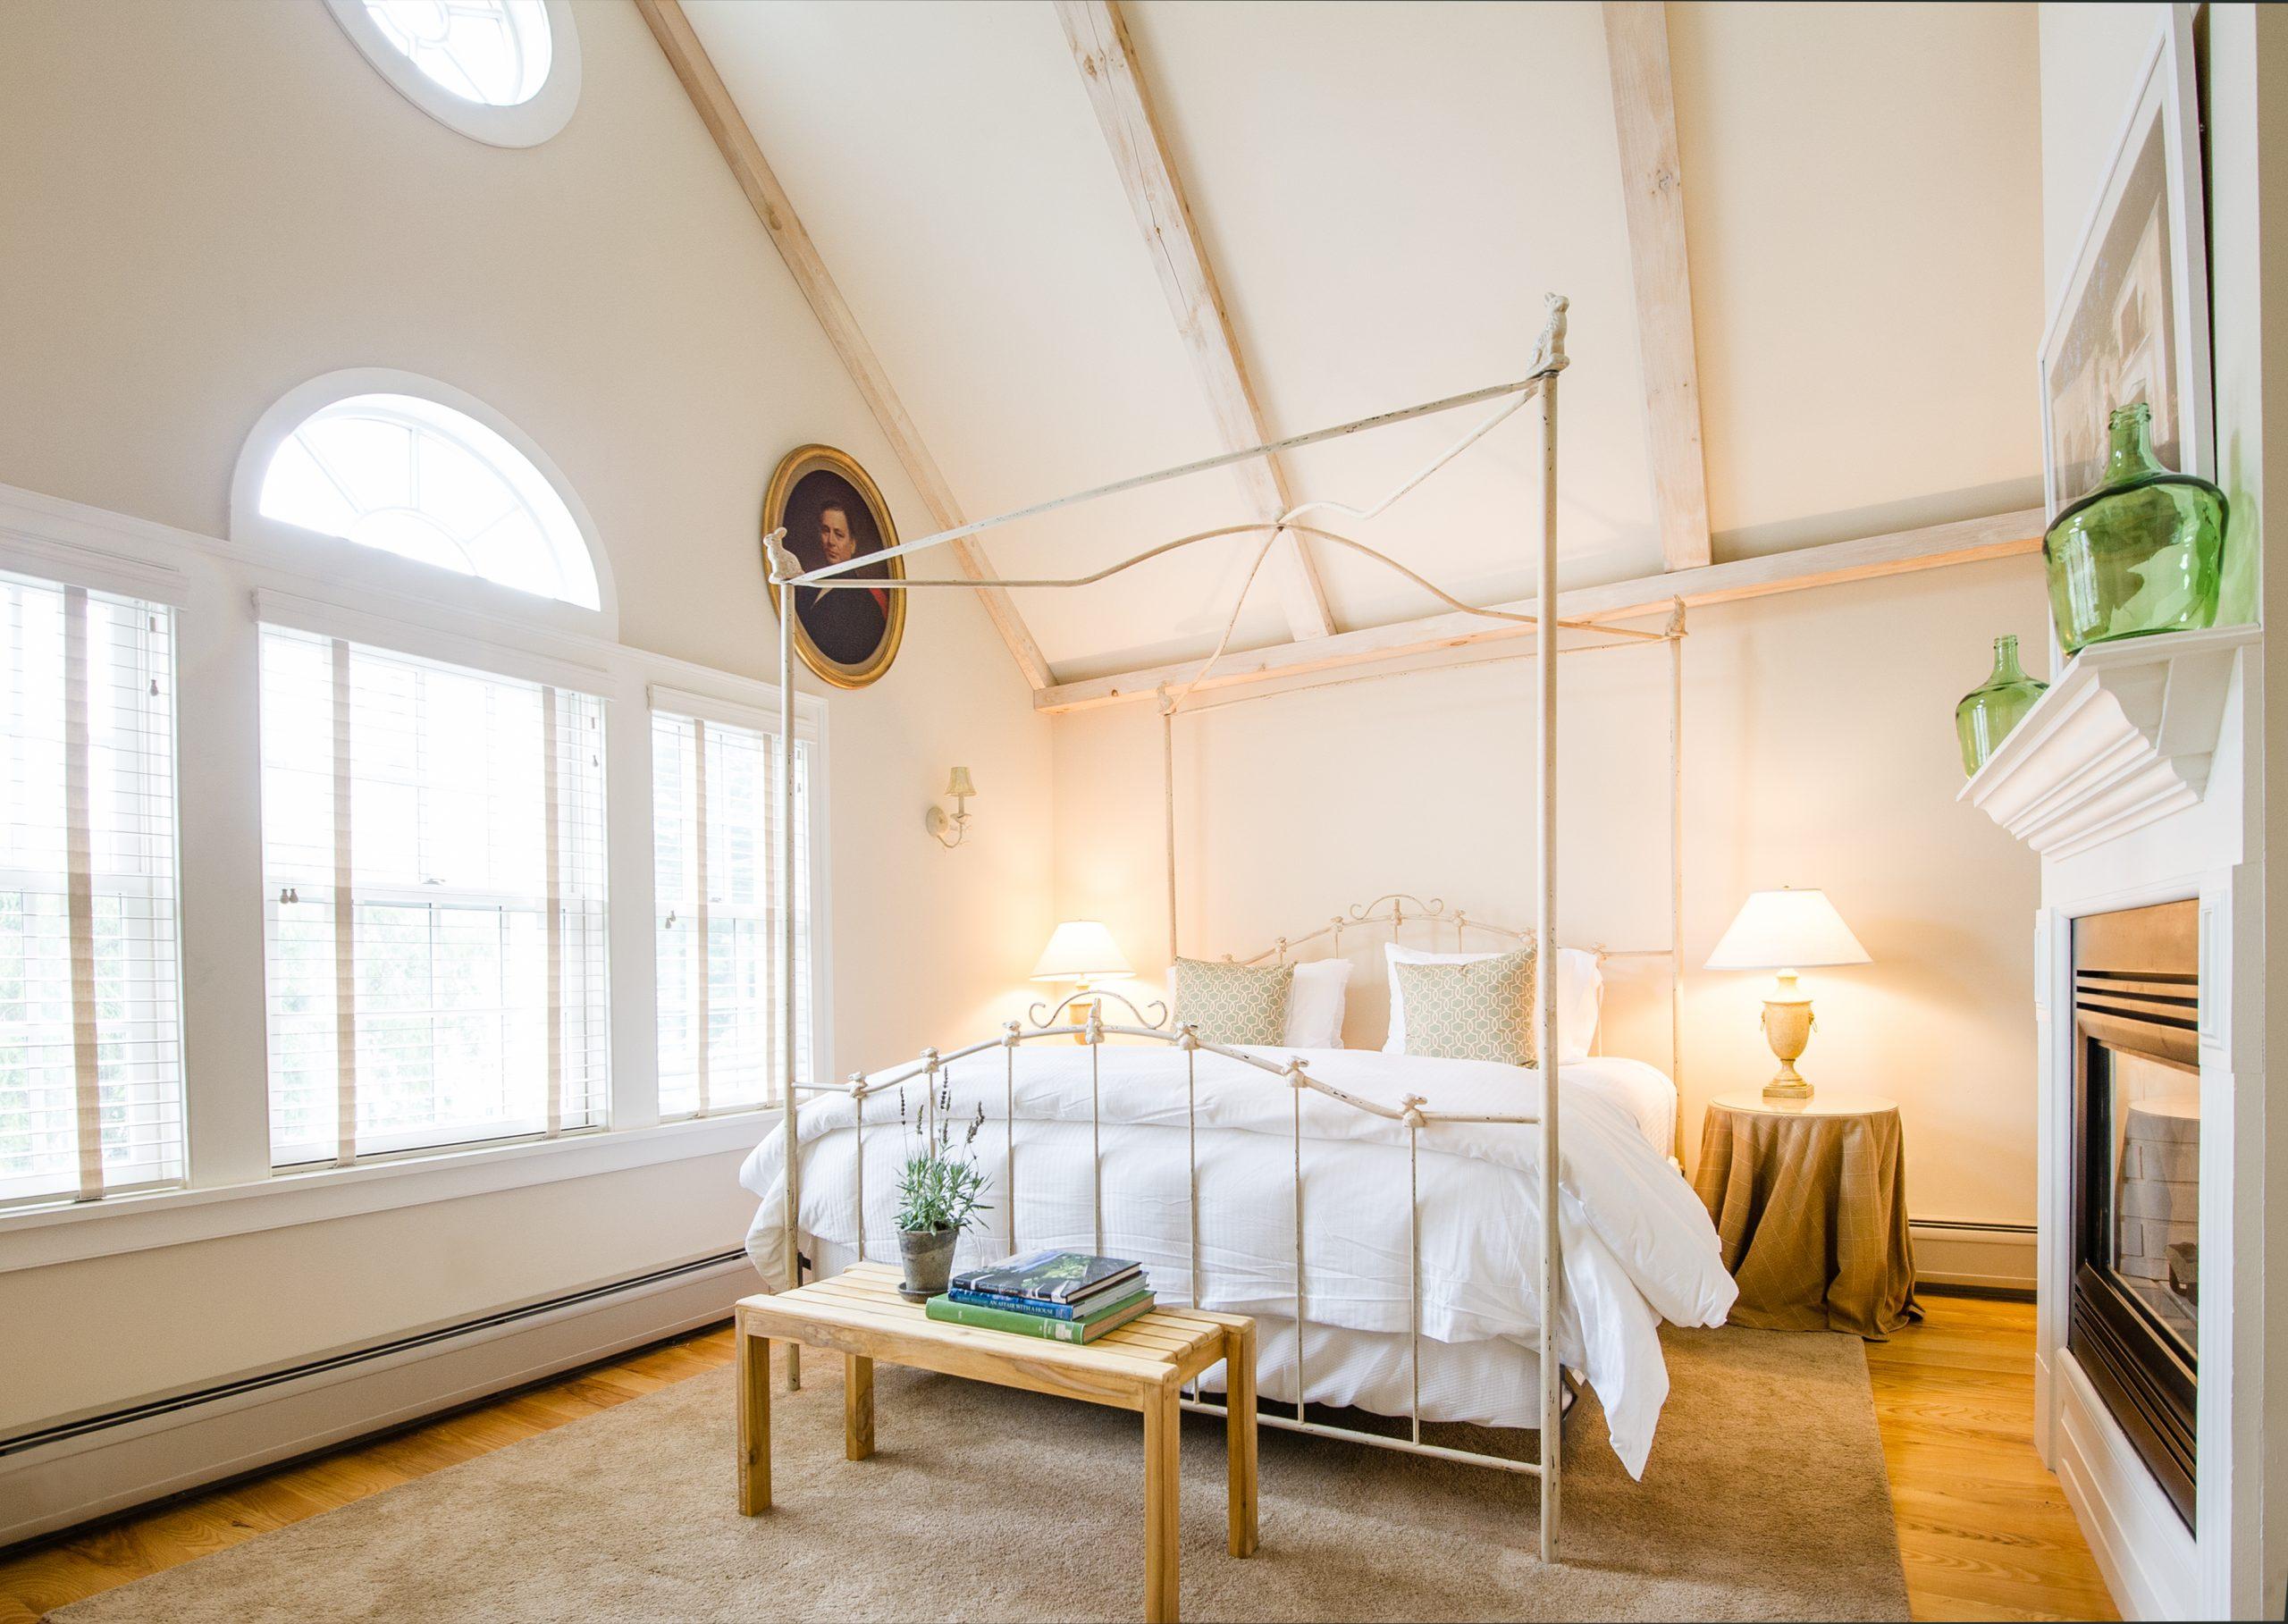 Four Columns bedroom beautiful bedframe